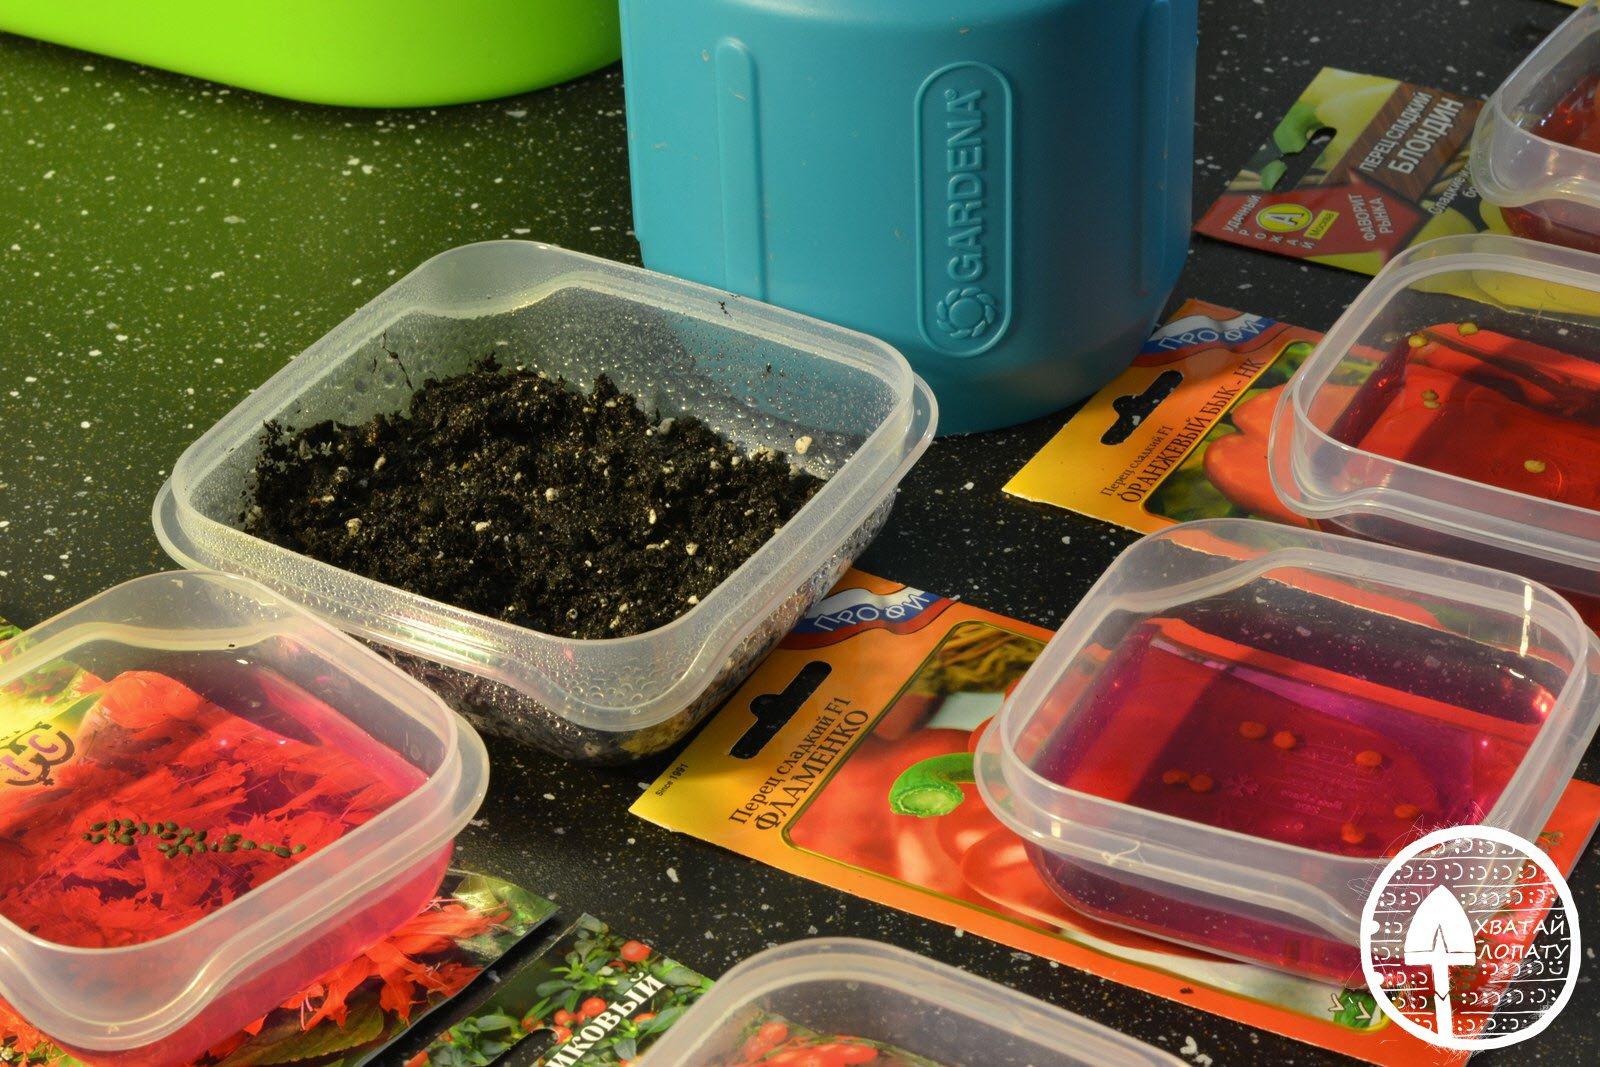 Посадка томатов на рассаду: как сеять помидоры правильно, все об обработке, подготовке и посеве семян в домашних условиях, а также ответ через сколько дней всходят